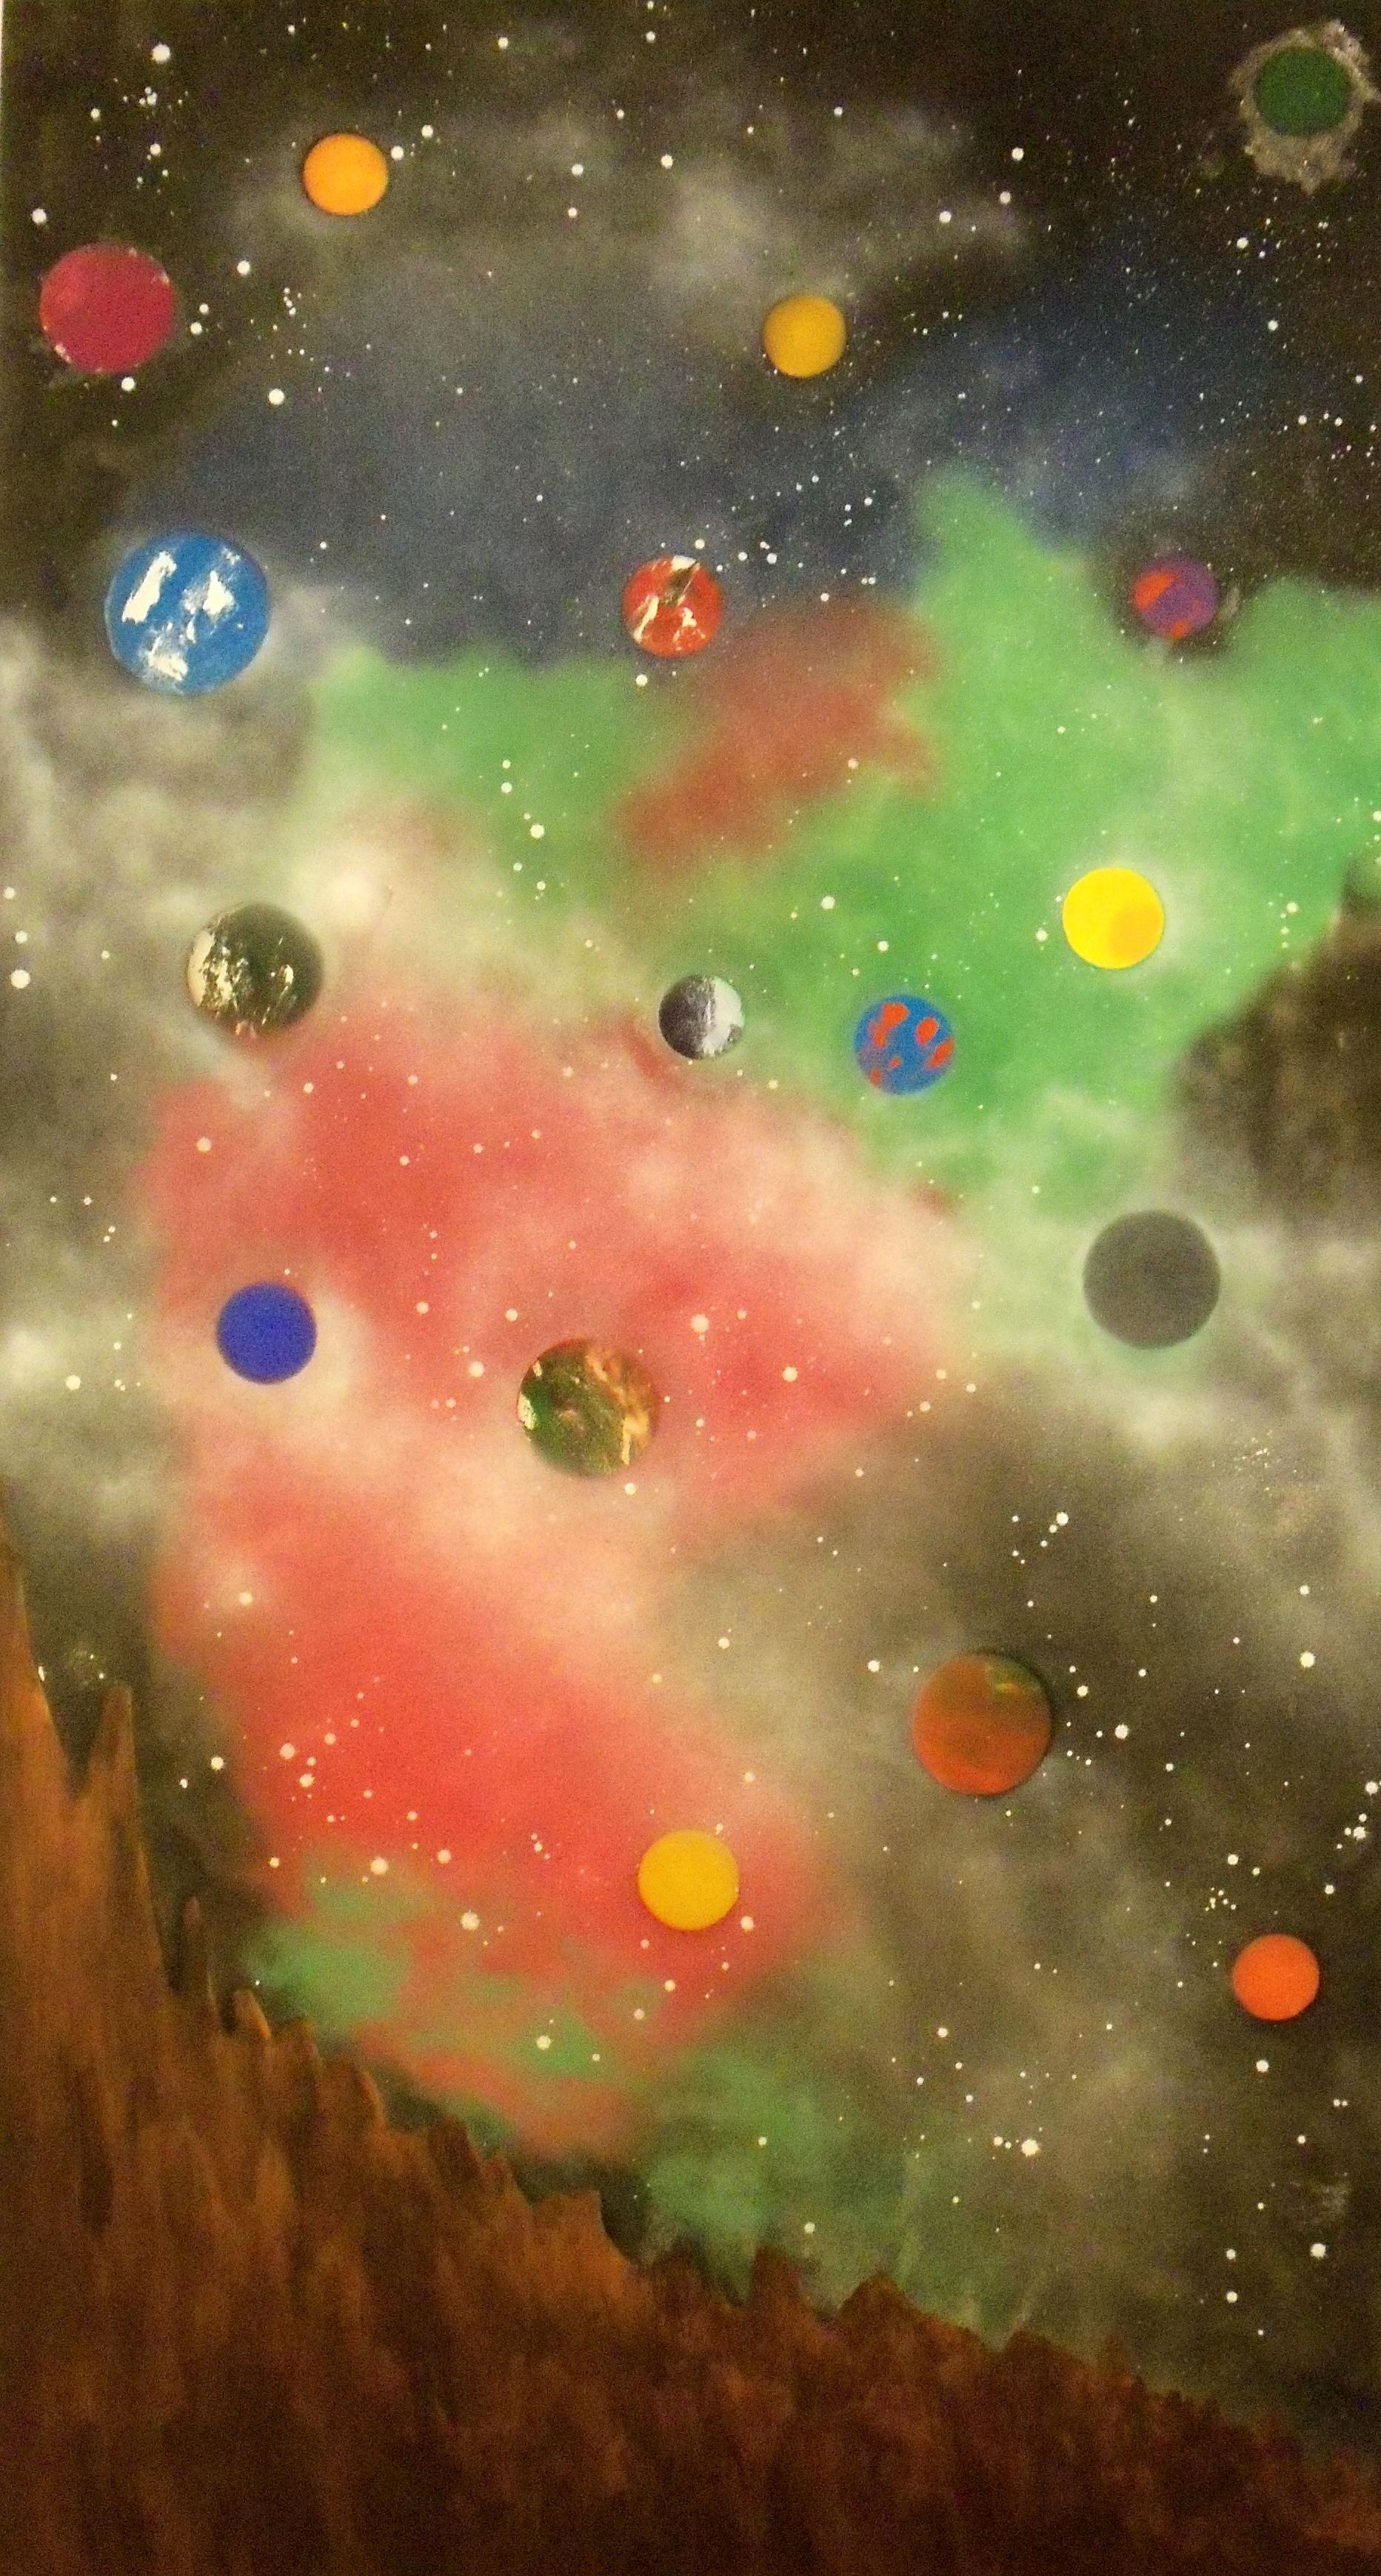 nebula of planets